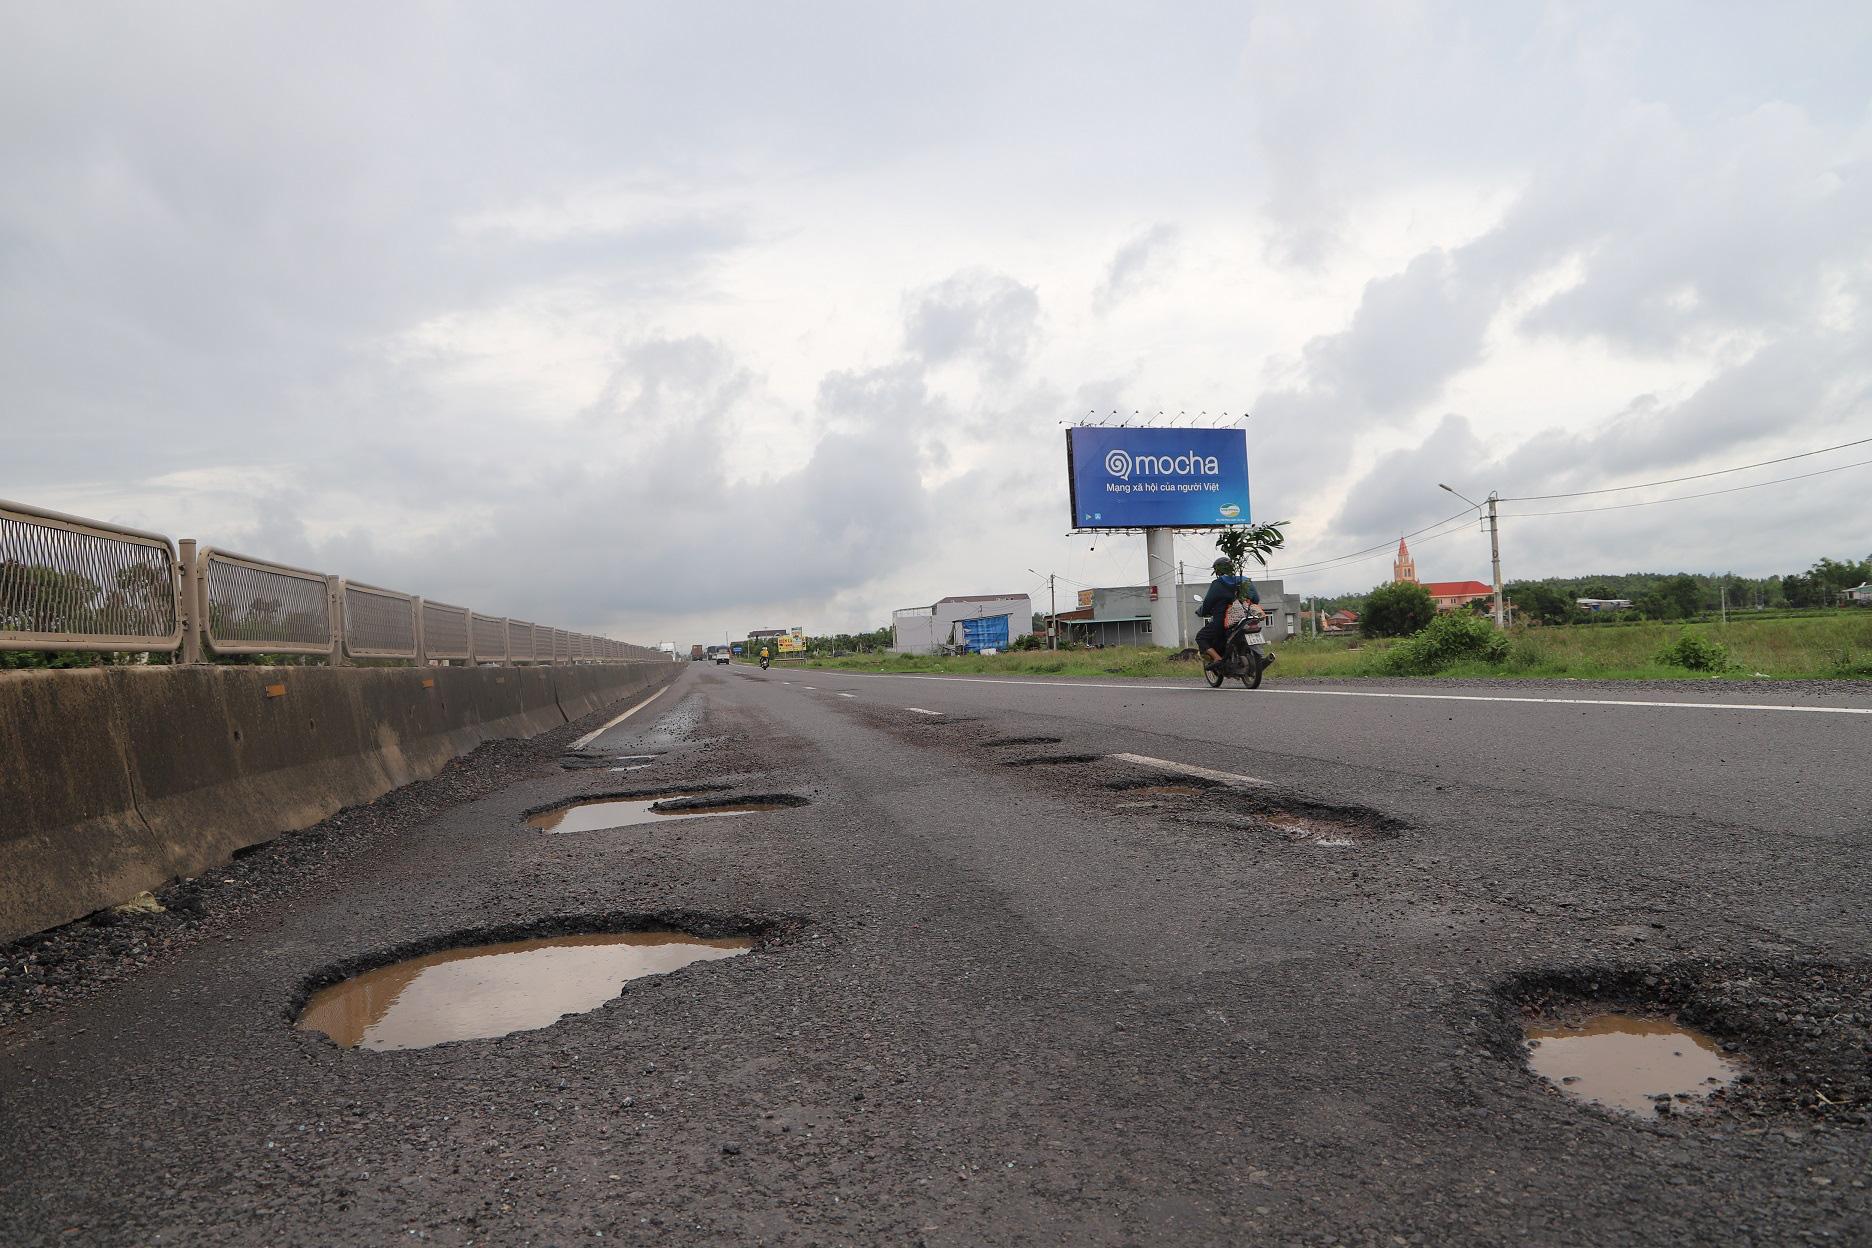 """Quốc lộ 1 ở Bình Định, từng bị gọi là đoạn đường """"xấu nhất Việt Nam""""… xuất hiện """"ổ voi, ổ gà""""  - Ảnh 10."""